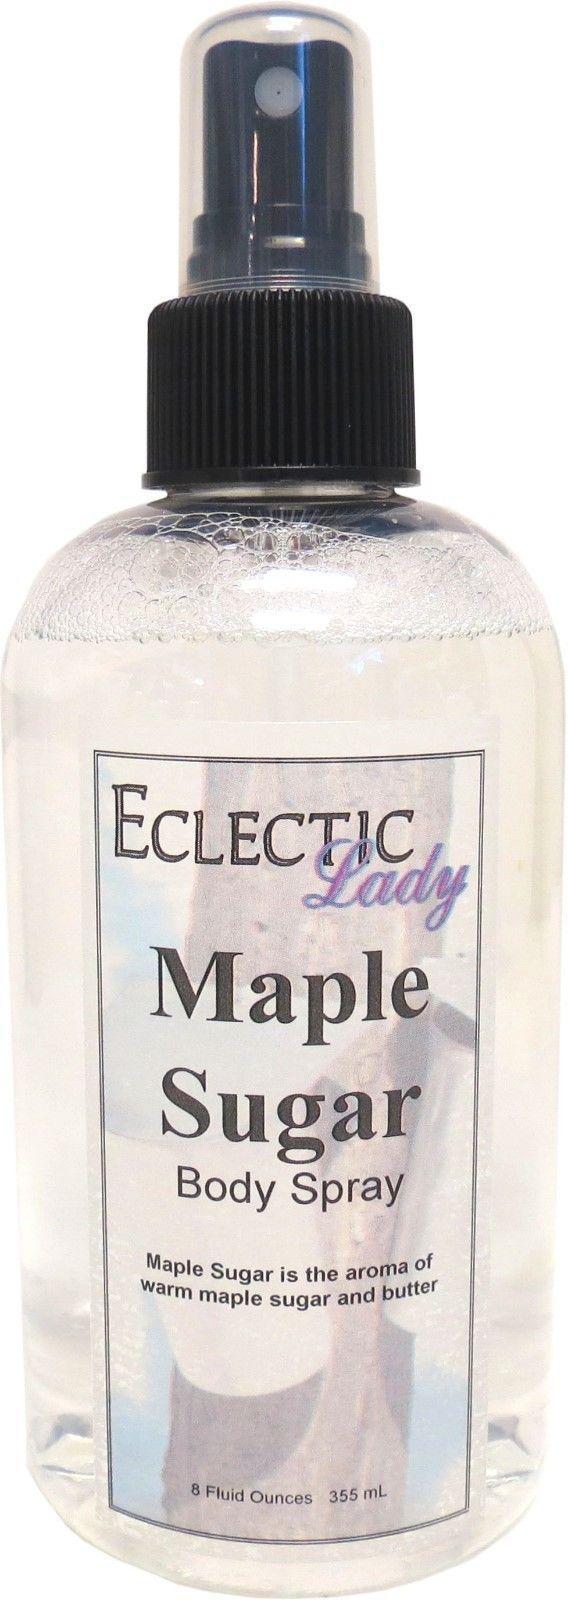 Maple Sugar Body Spray